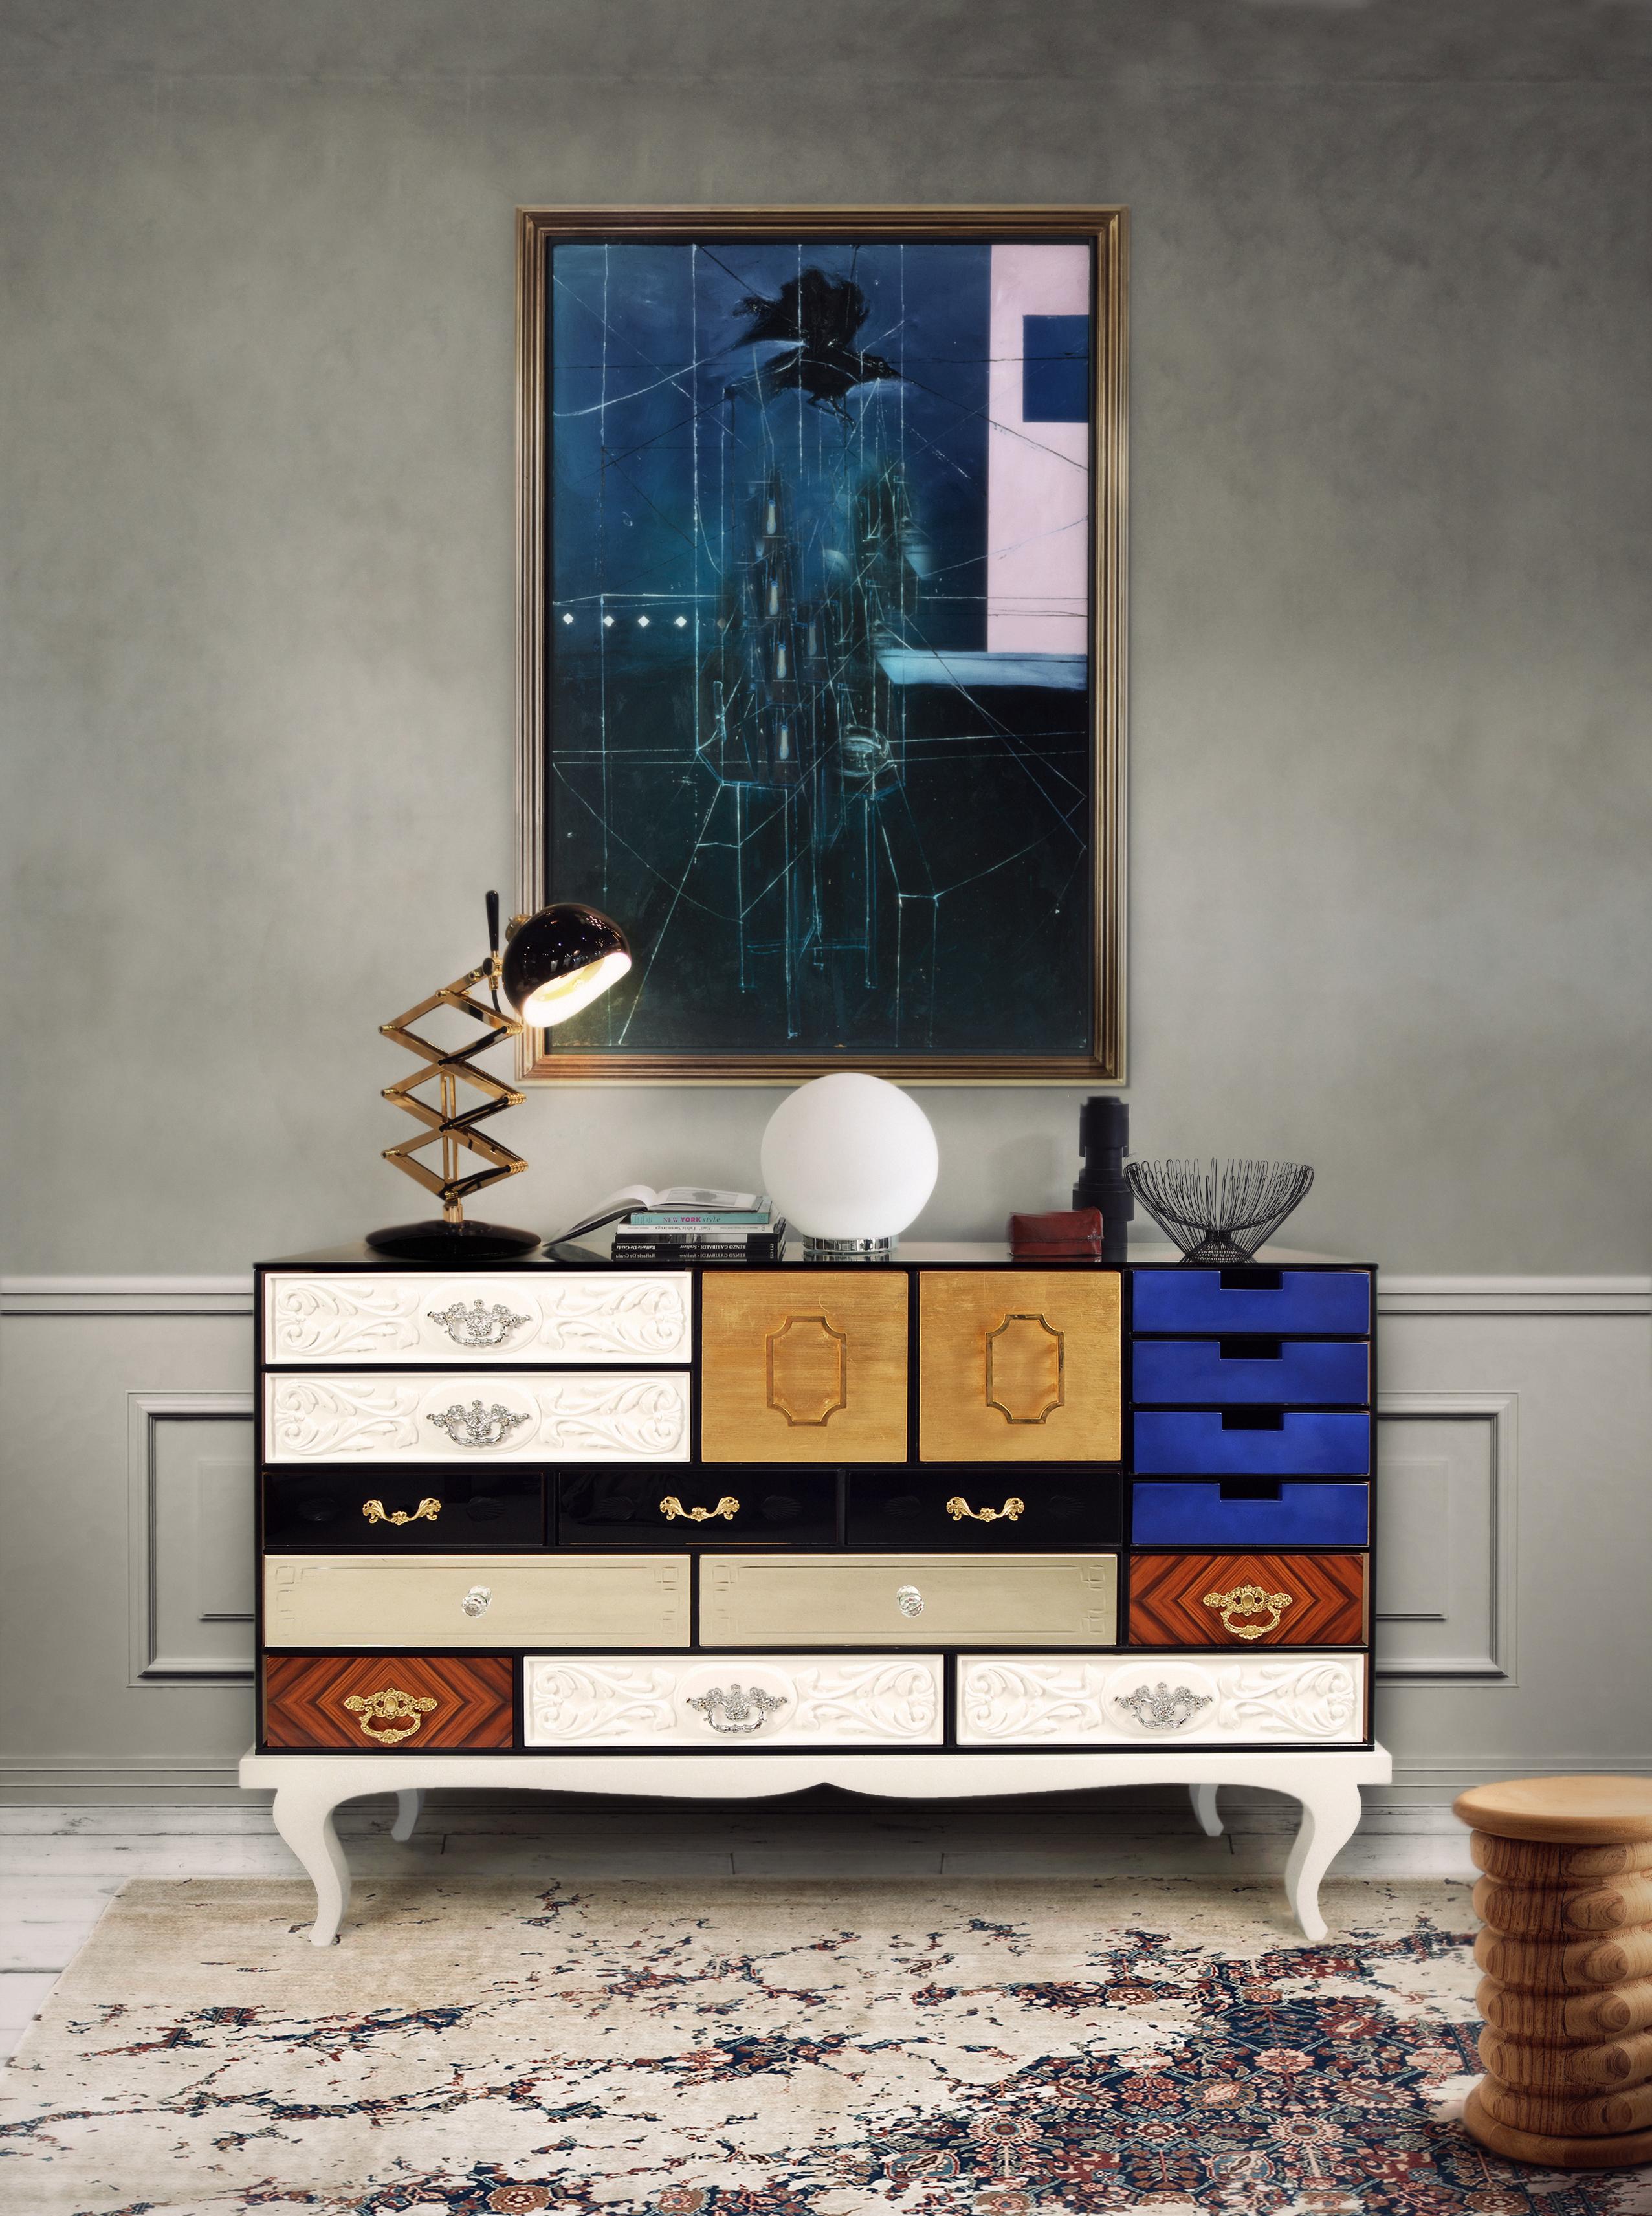 Einzigartige Design Möbel an die beste Reiseziele inspiriert Design Möbel Einzigartige Design Möbel an die beste Reiseziele inspiriert soho